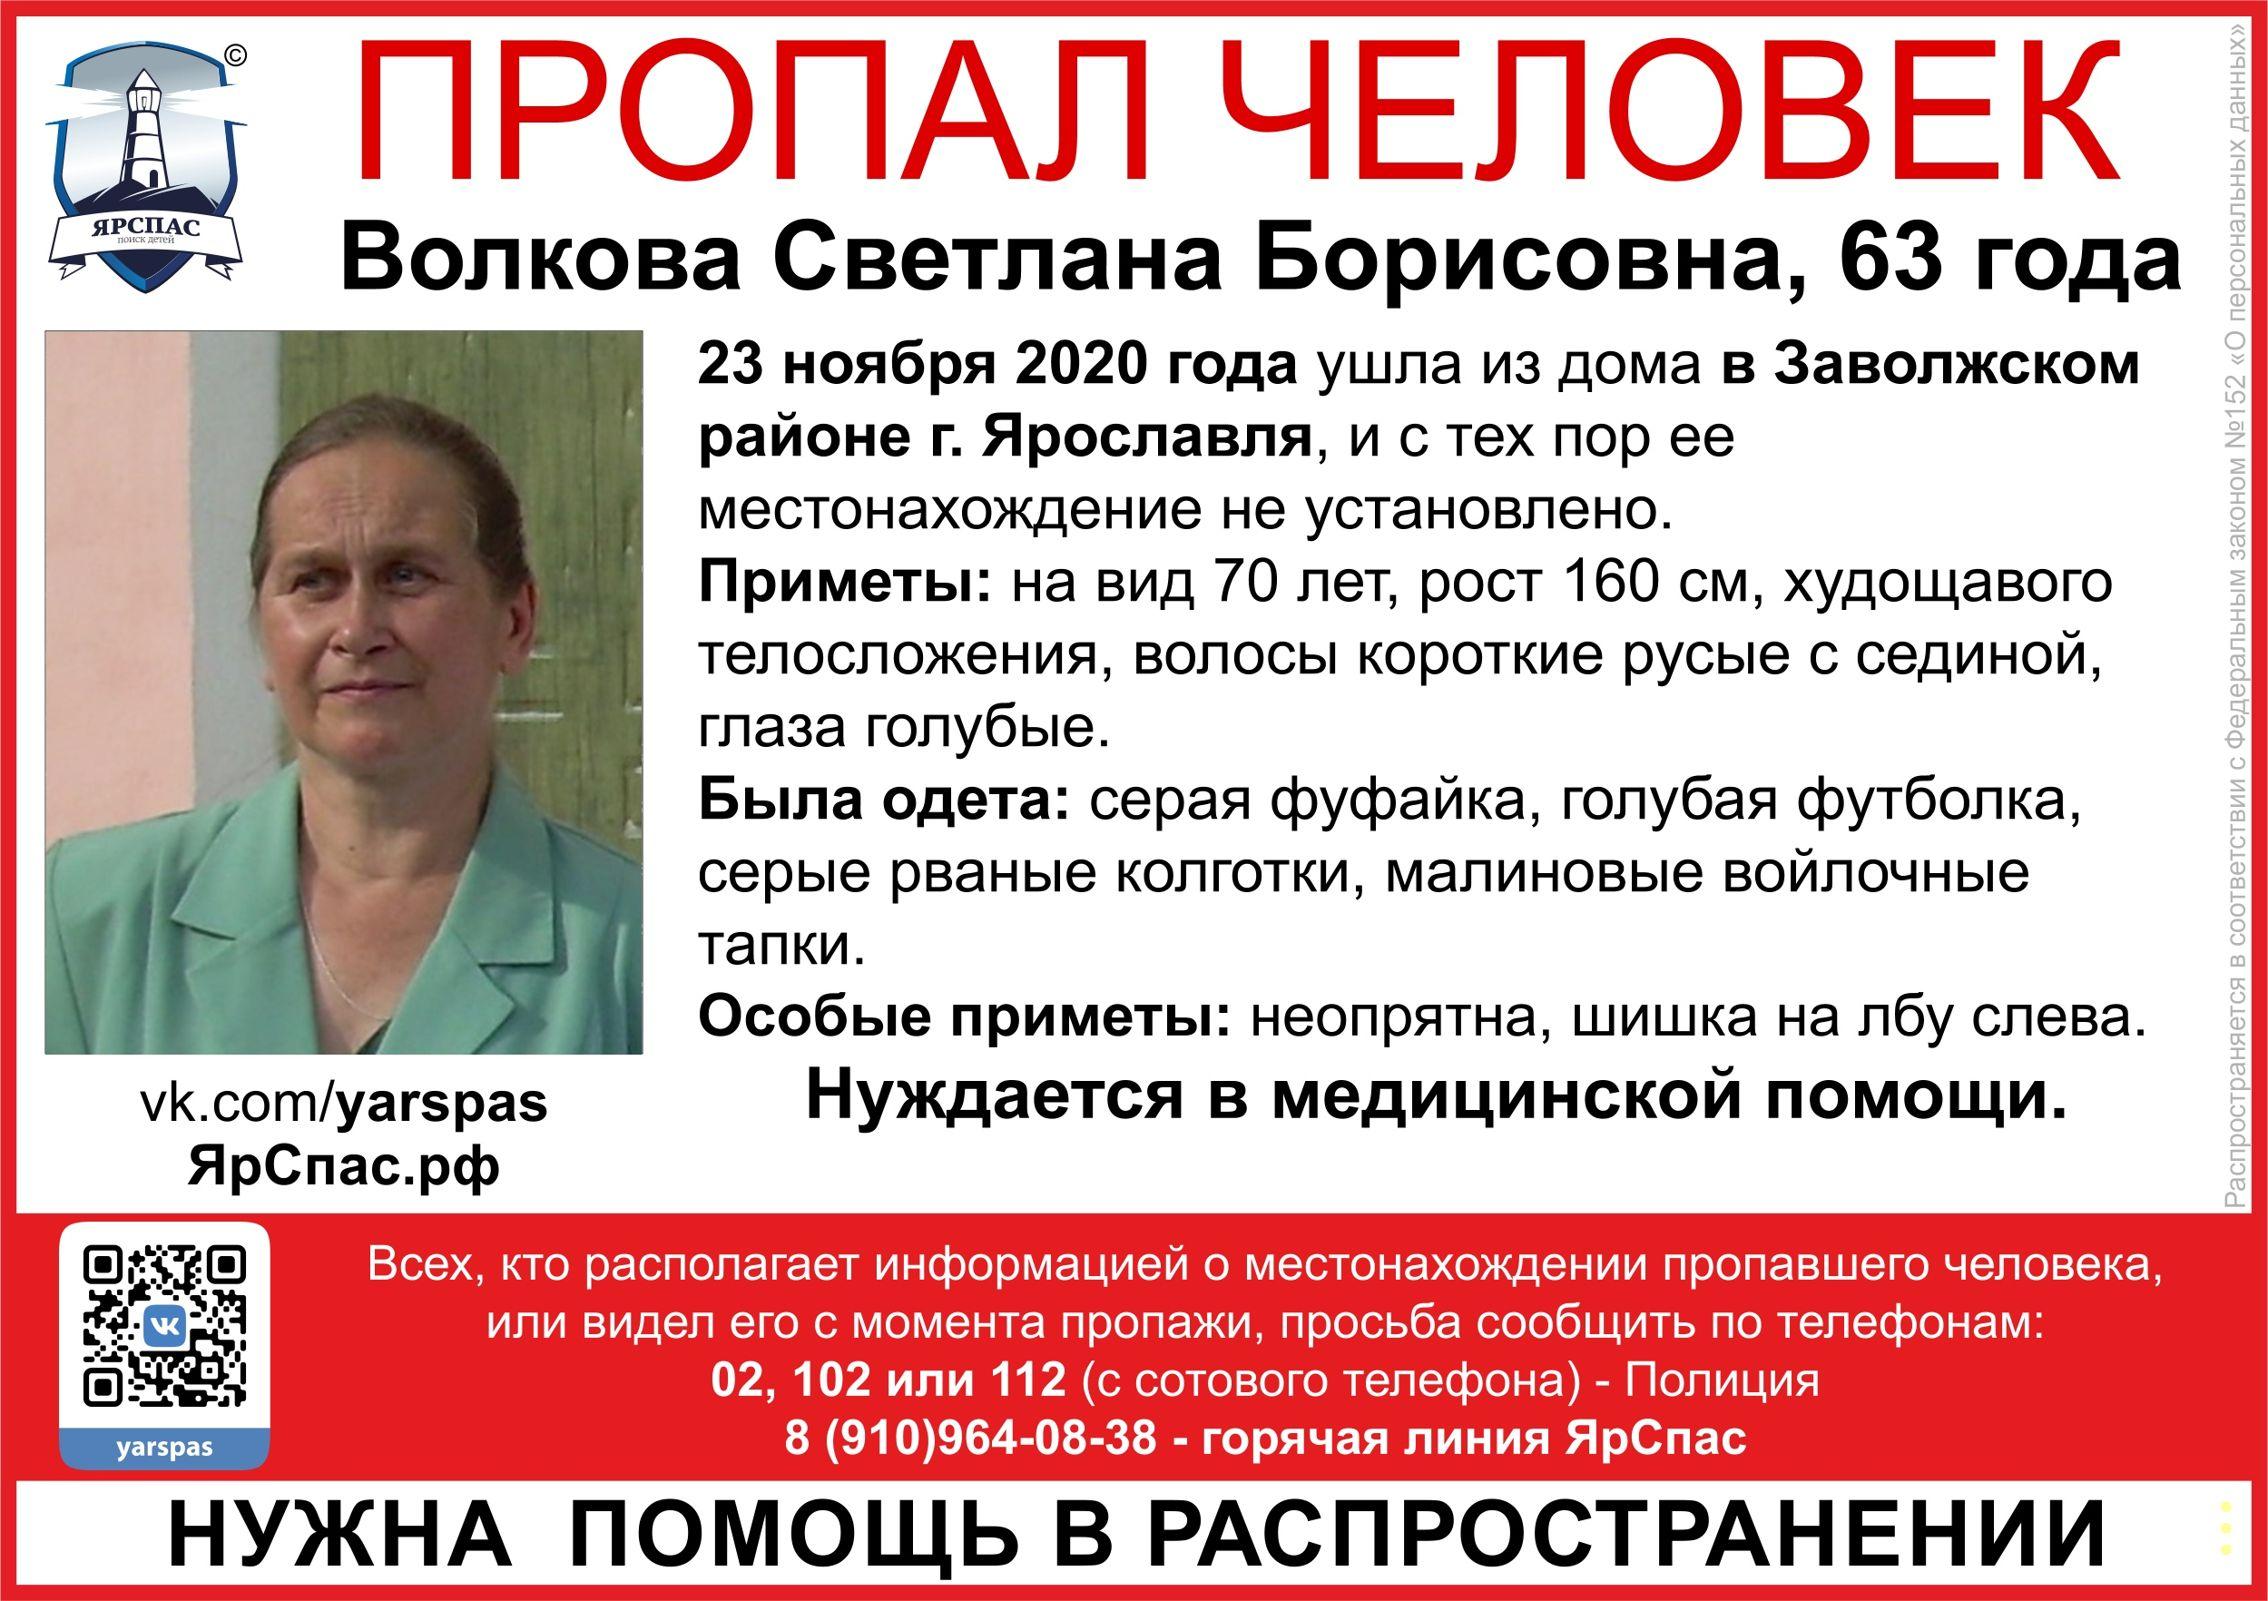 В Ярославле ищут пропавшую 63-летнюю женщину с шишкой на лбу